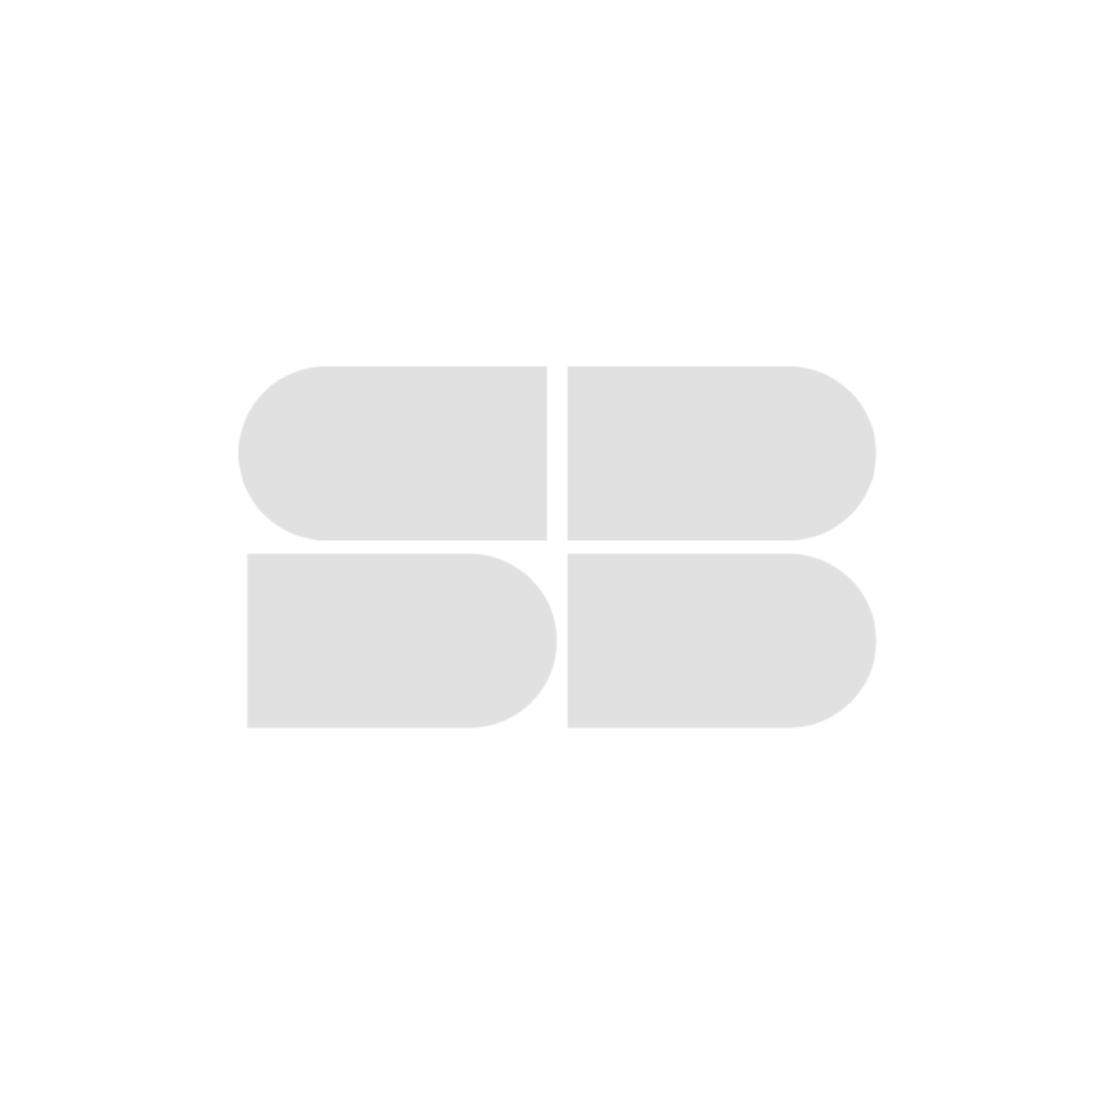 RESTONIC ที่นอน รุ่น REFLEX 3690 6 ฟุต พร้อมของแถม 5 รายการ